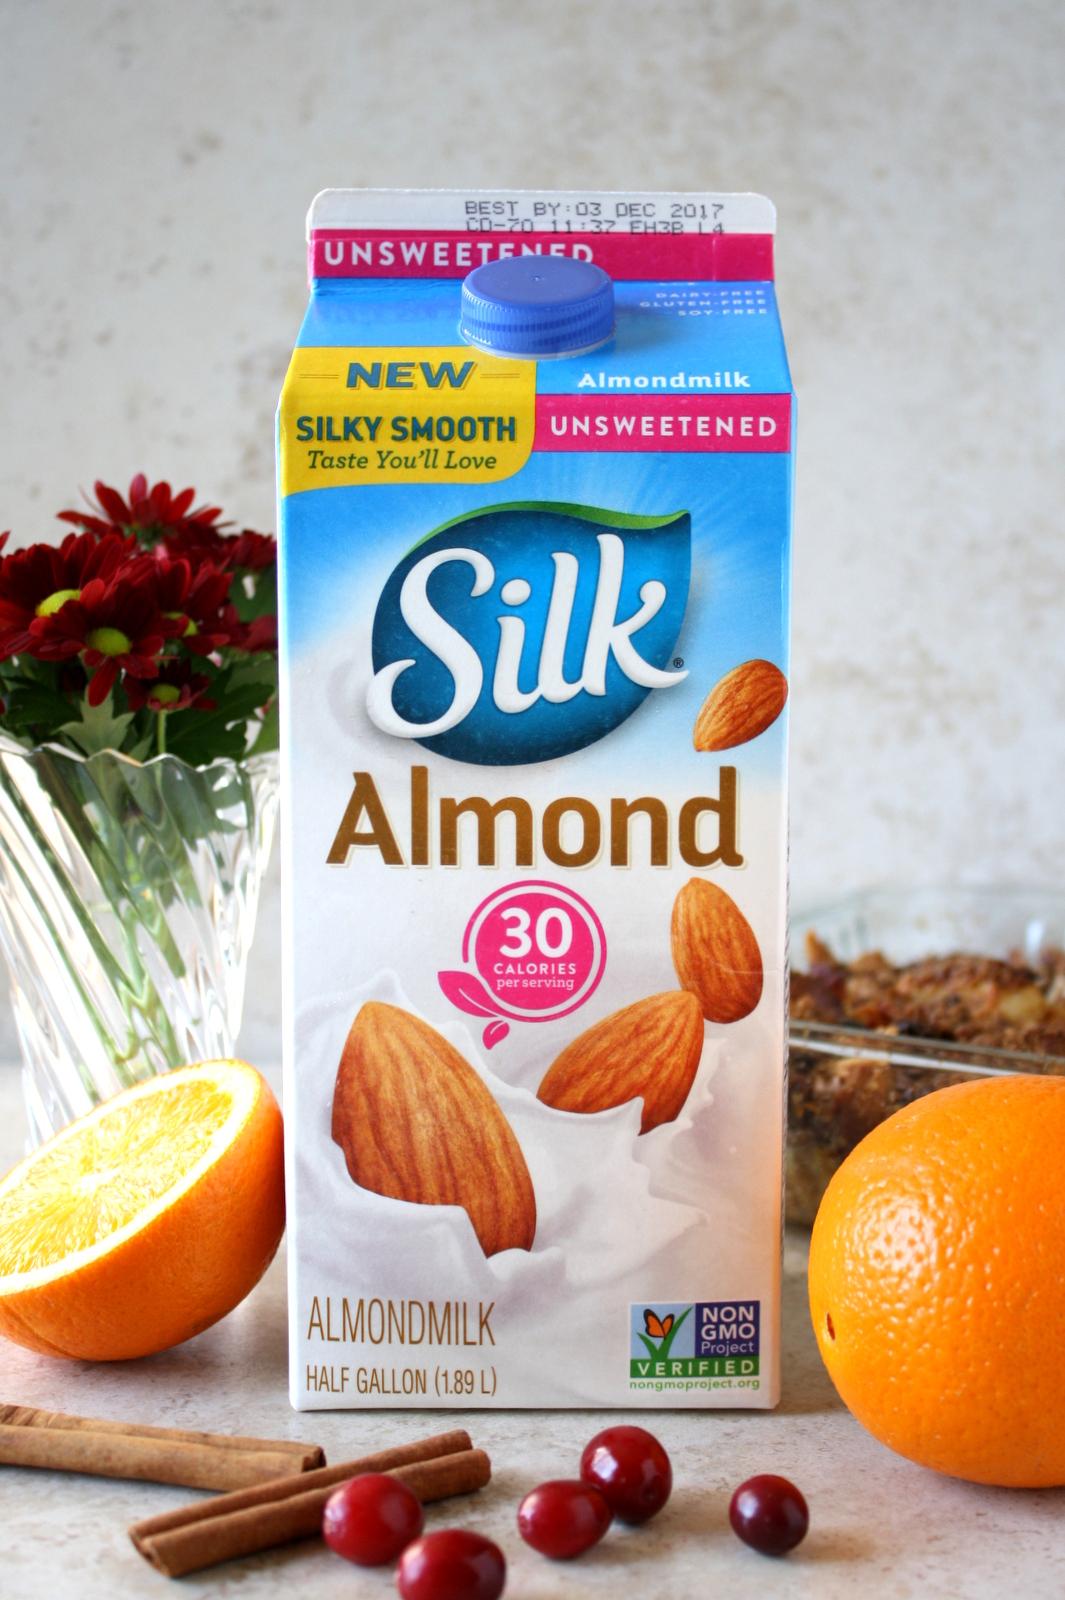 Silk Almondmilk #SameSilkySmoothTaste #shop